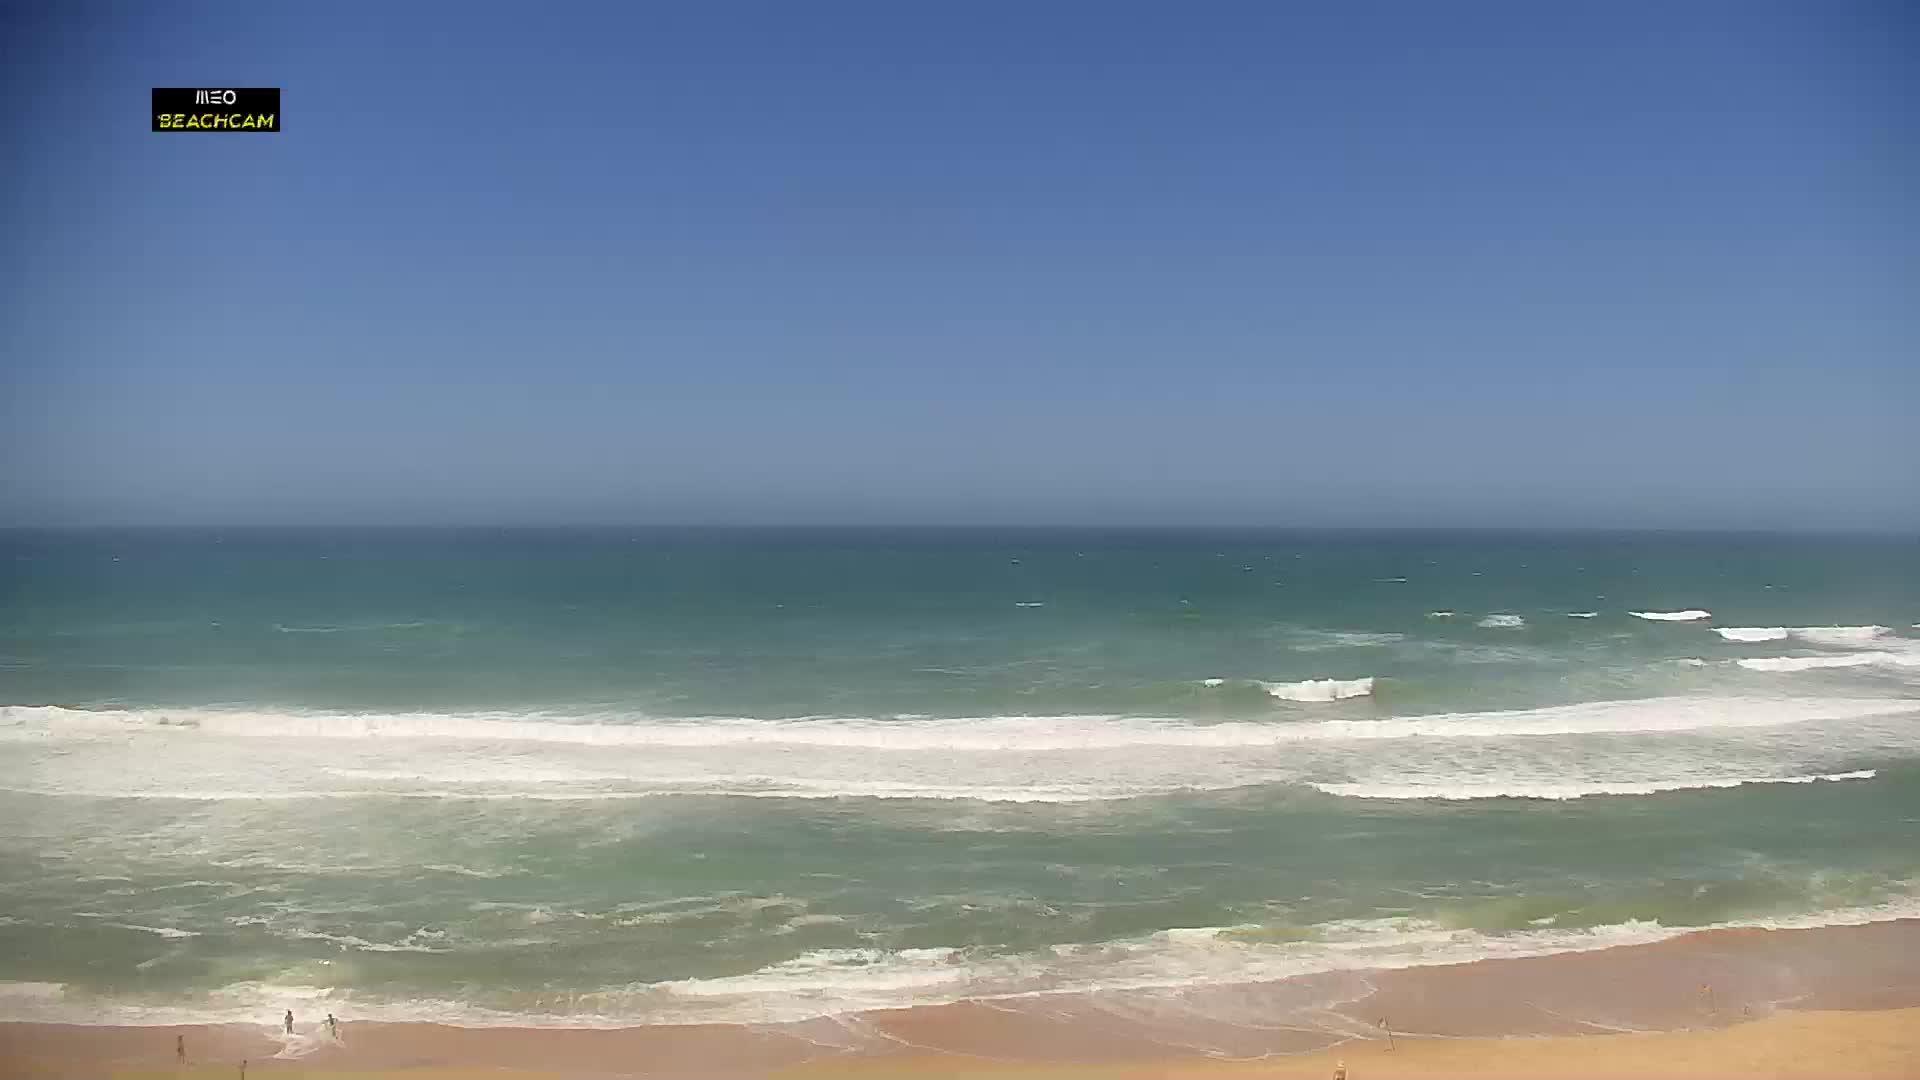 Praia Grande Di. 13:53